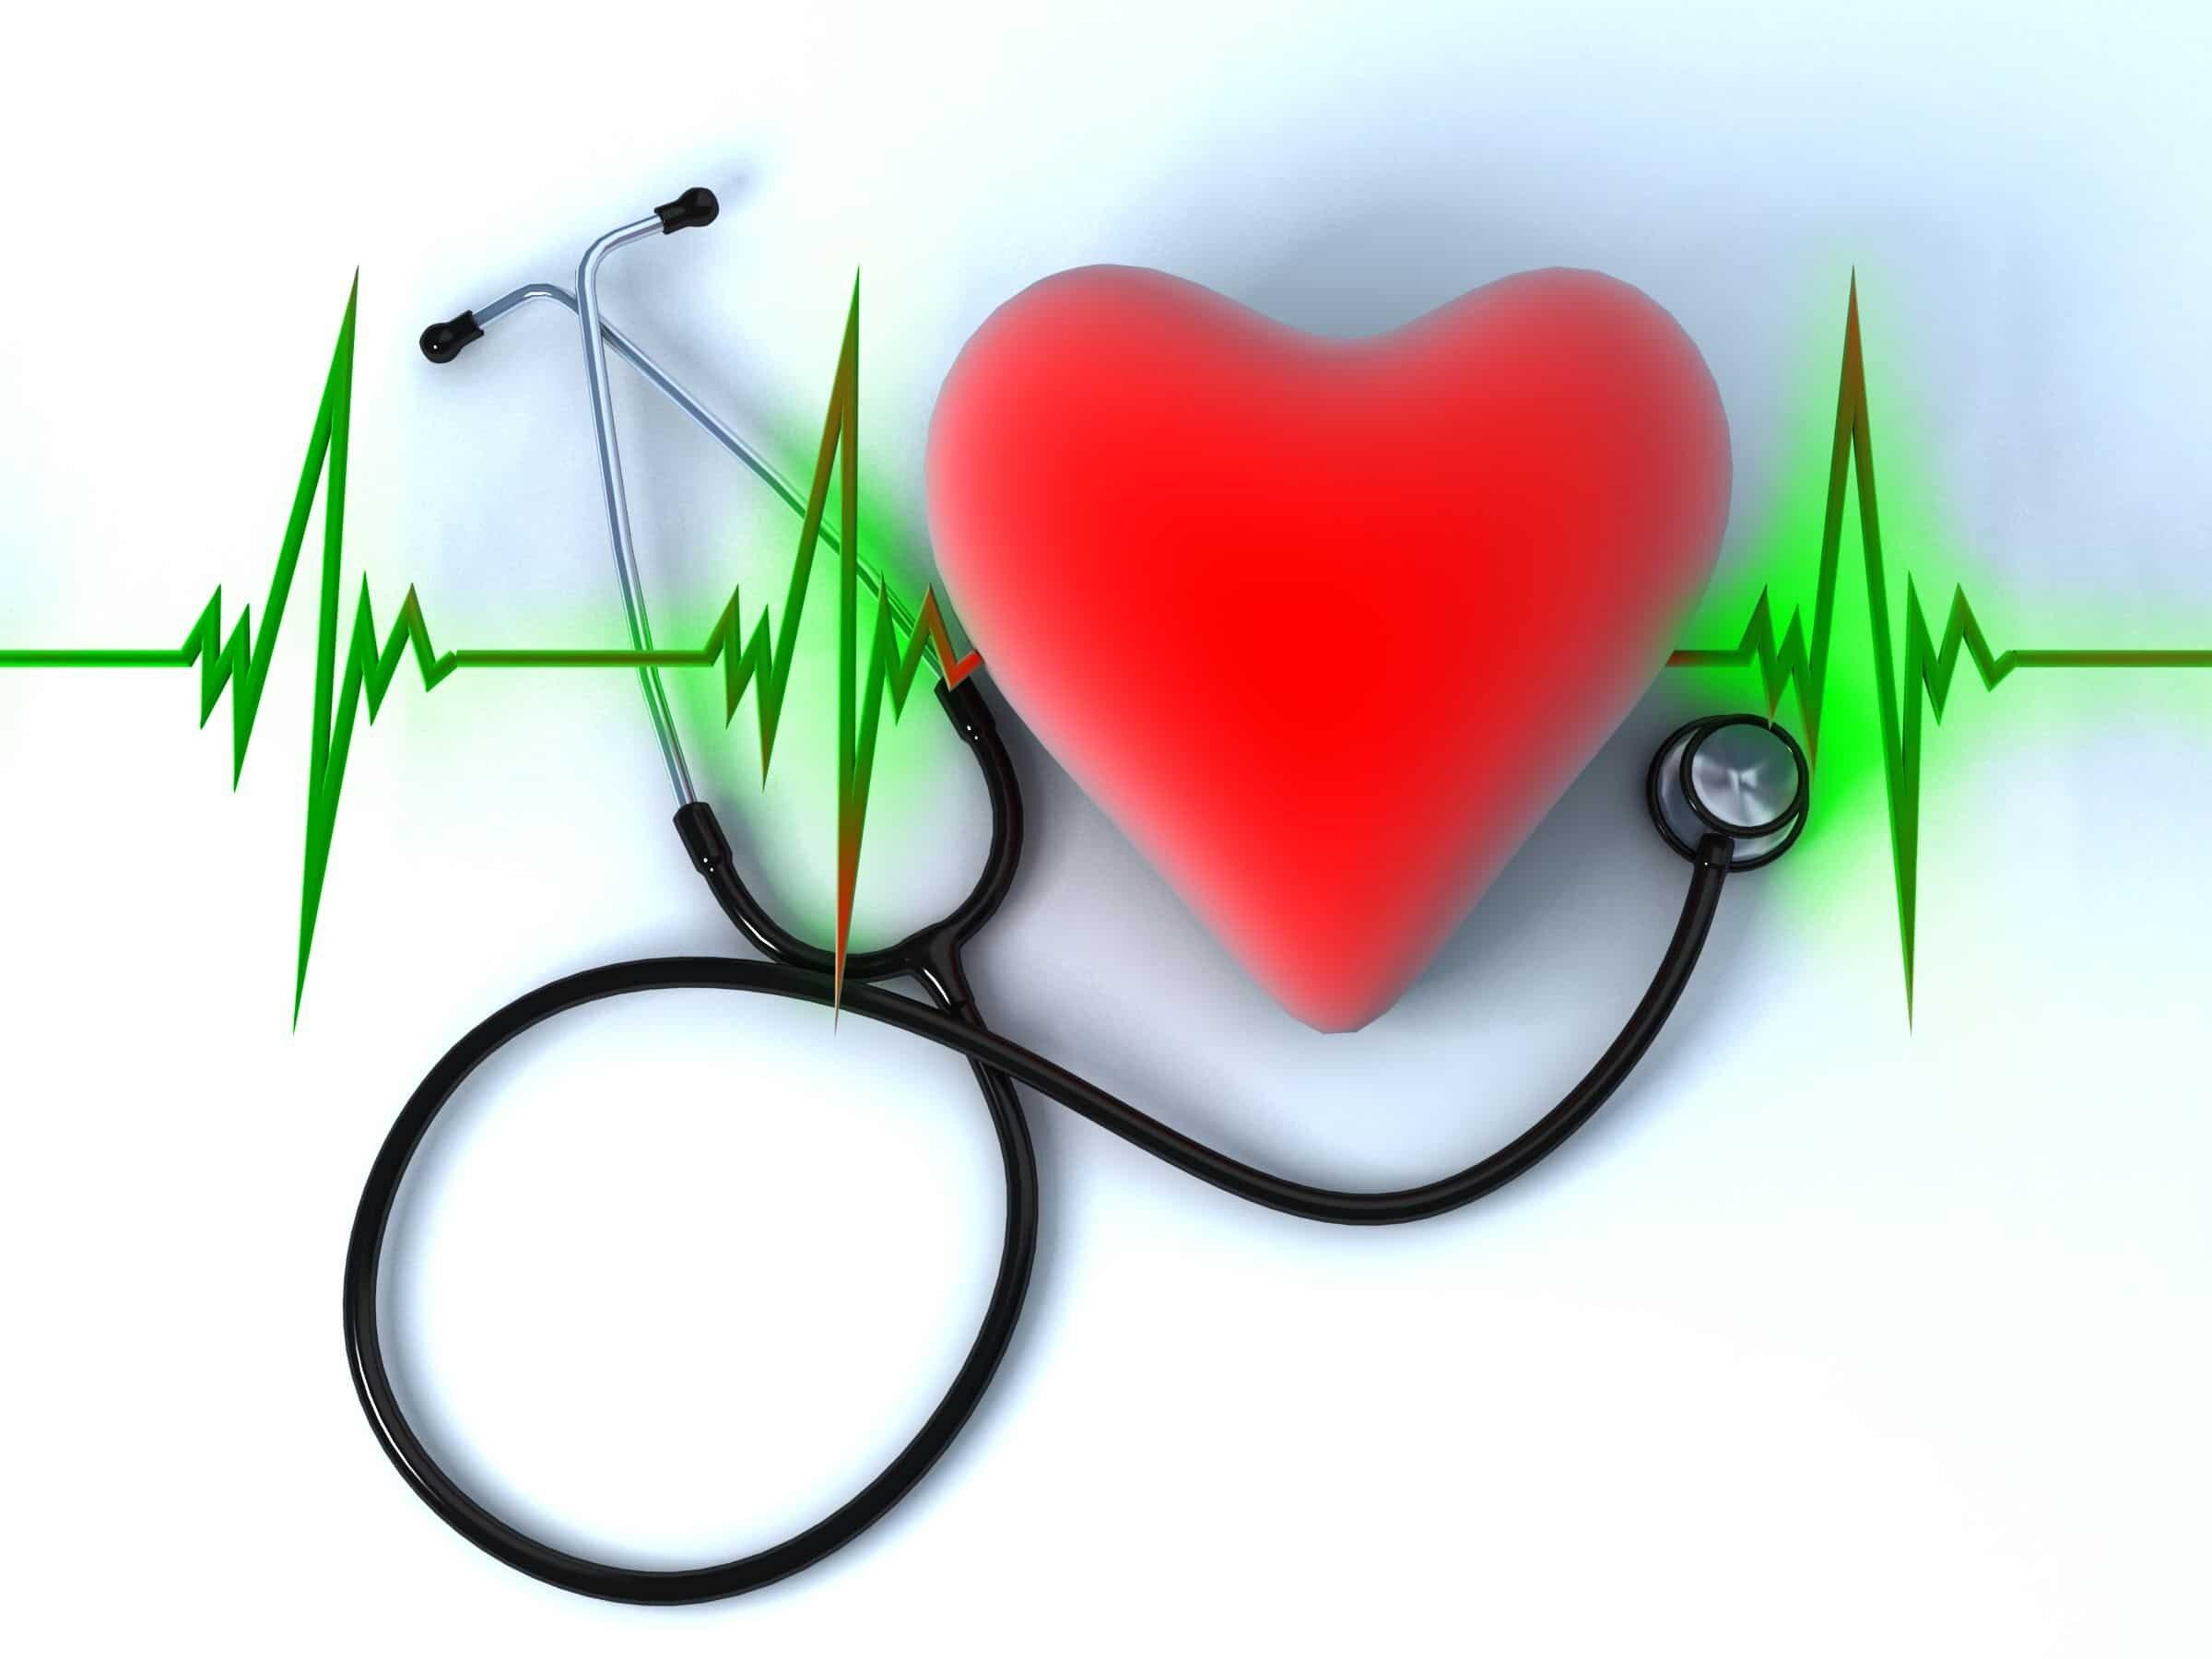 схема лечения инфаркта миокарда